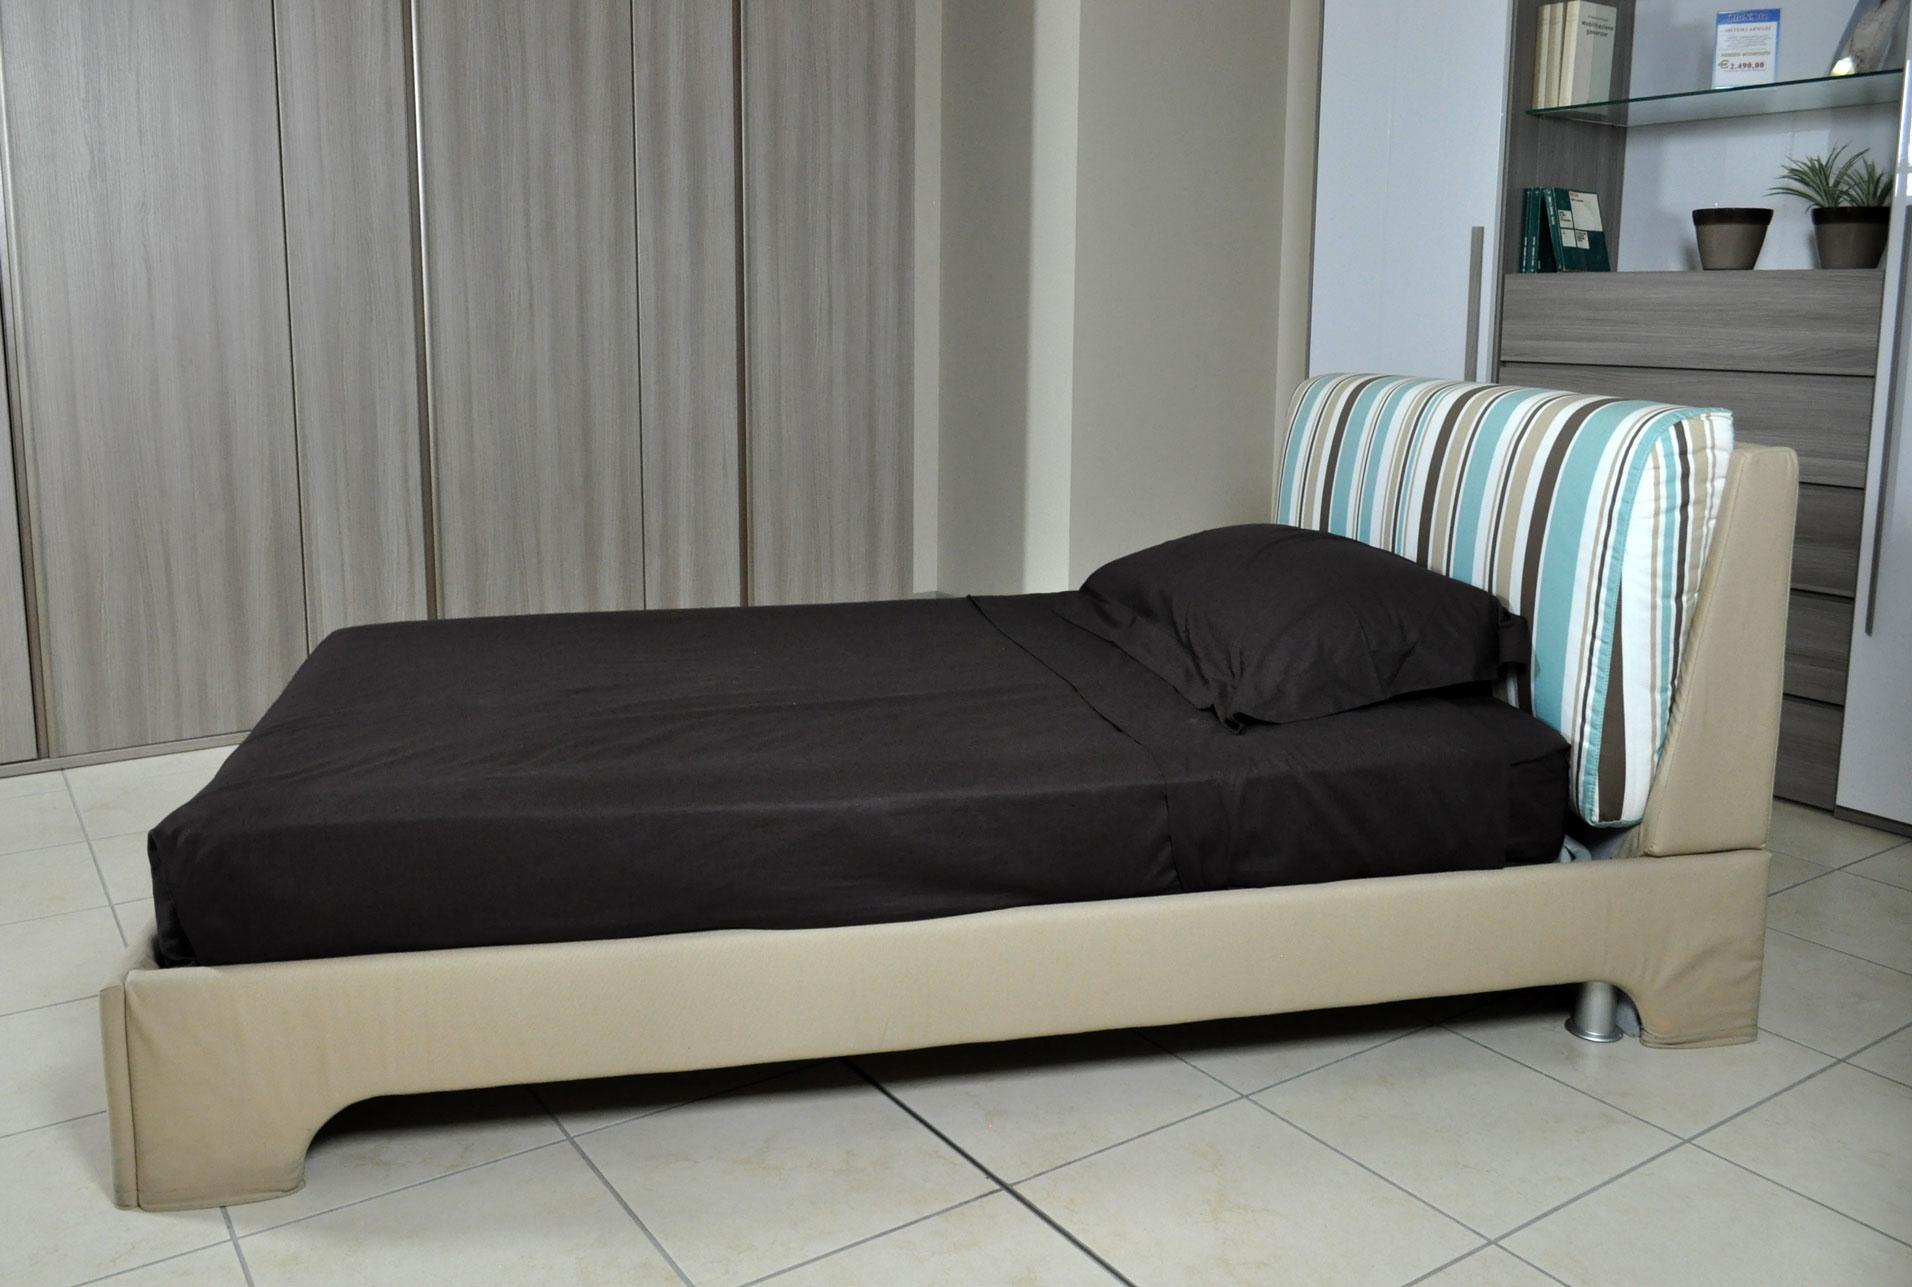 Letti a una piazza e mezza misure un due treu e il letto - Dimensione letto una piazza e mezzo ...